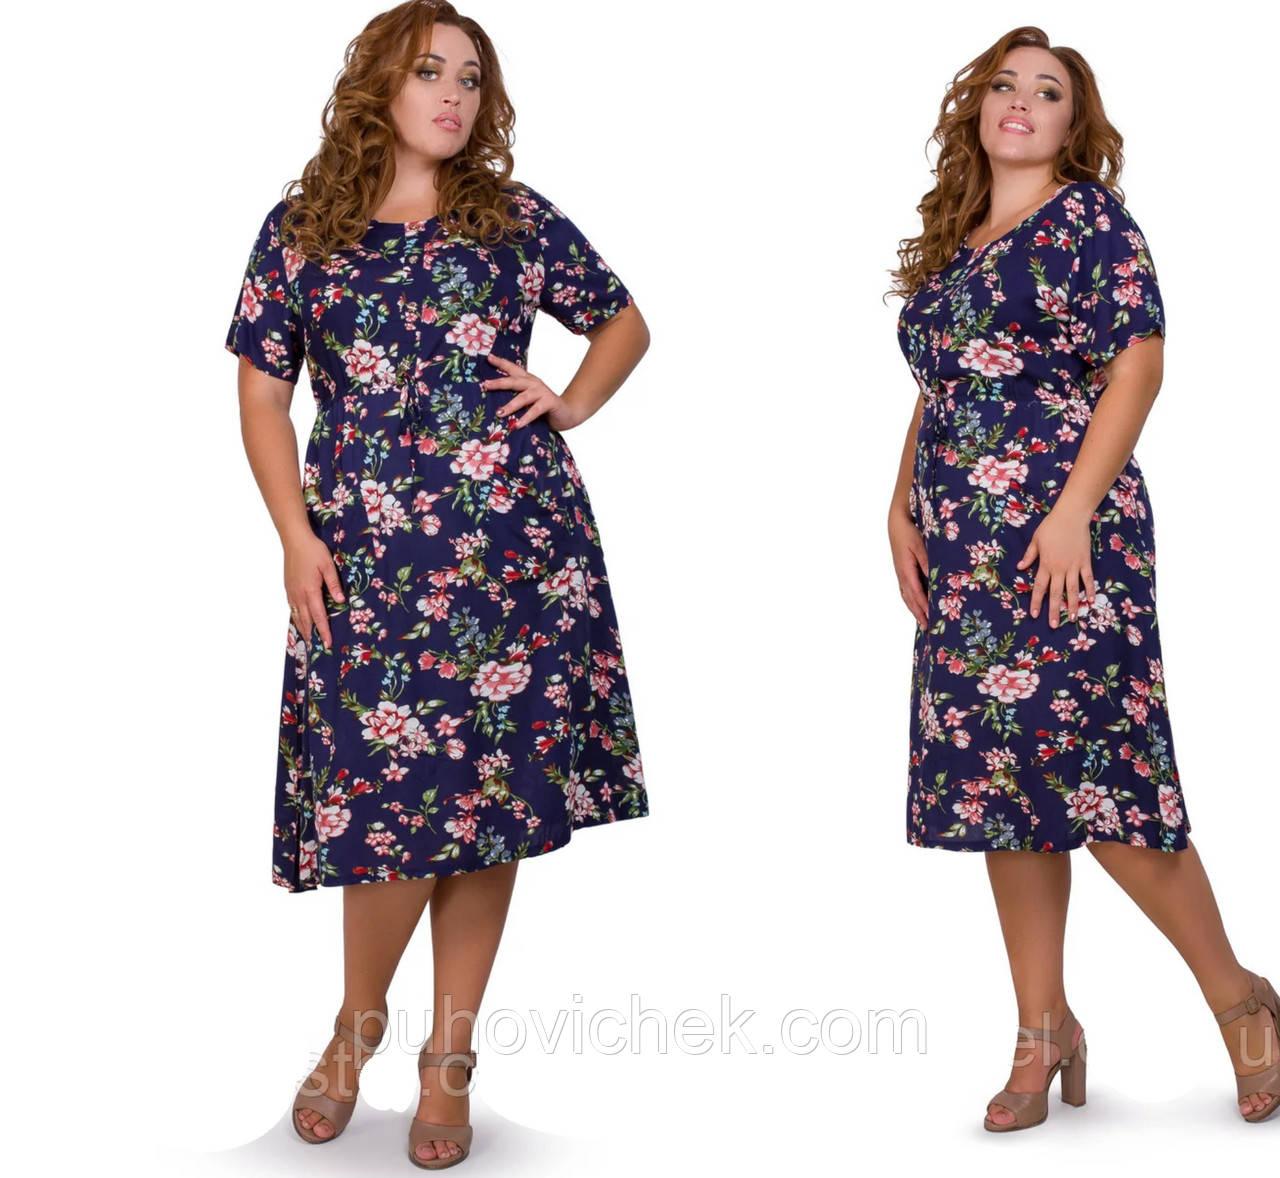 Женские платья летние размеры 50-56